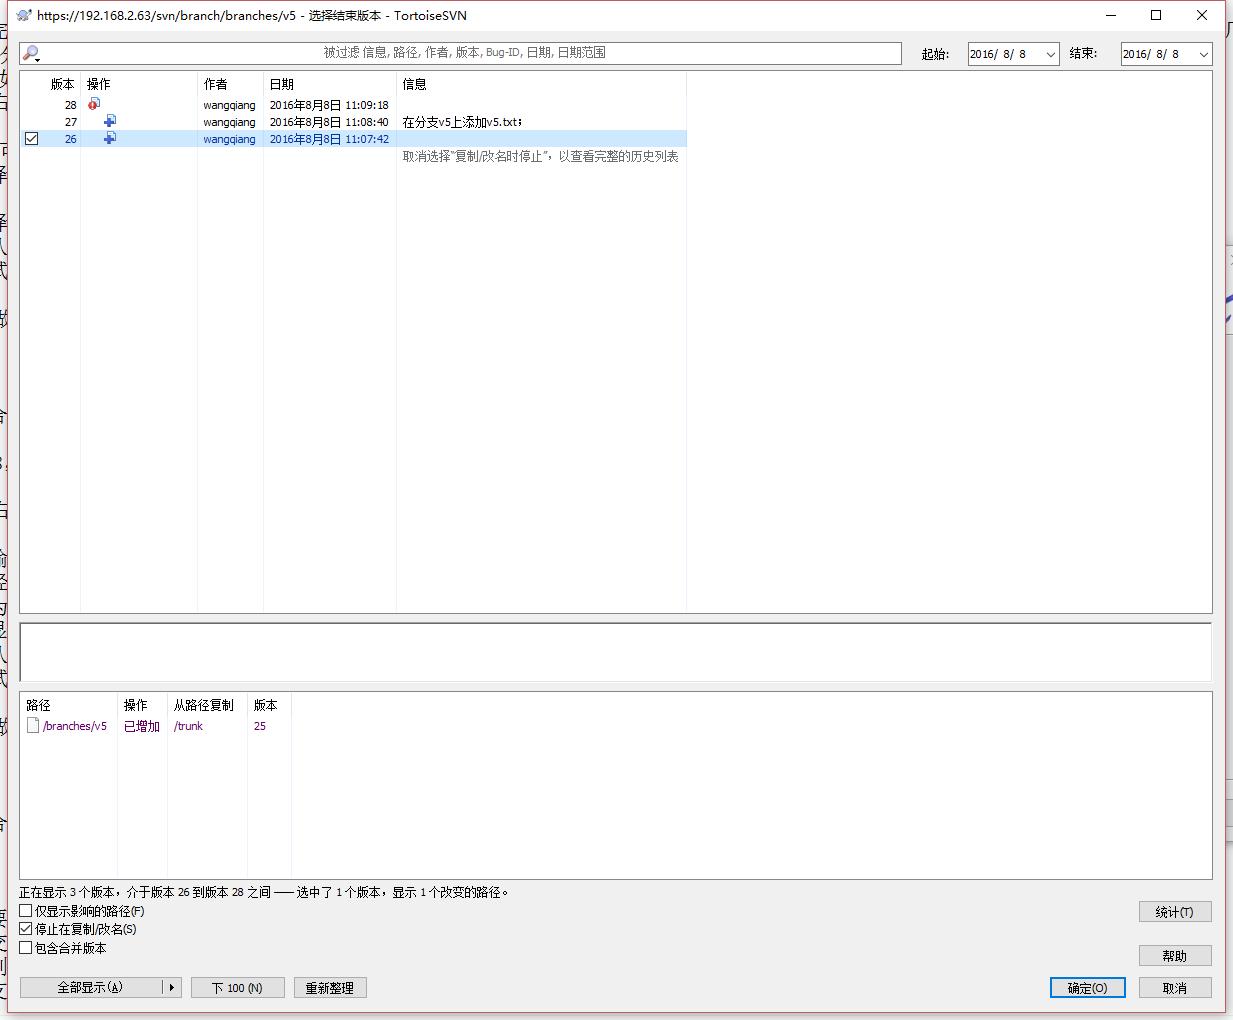 在结束版本处,点击版本后的显示日志按钮,查看分支v5的起始版本为:26